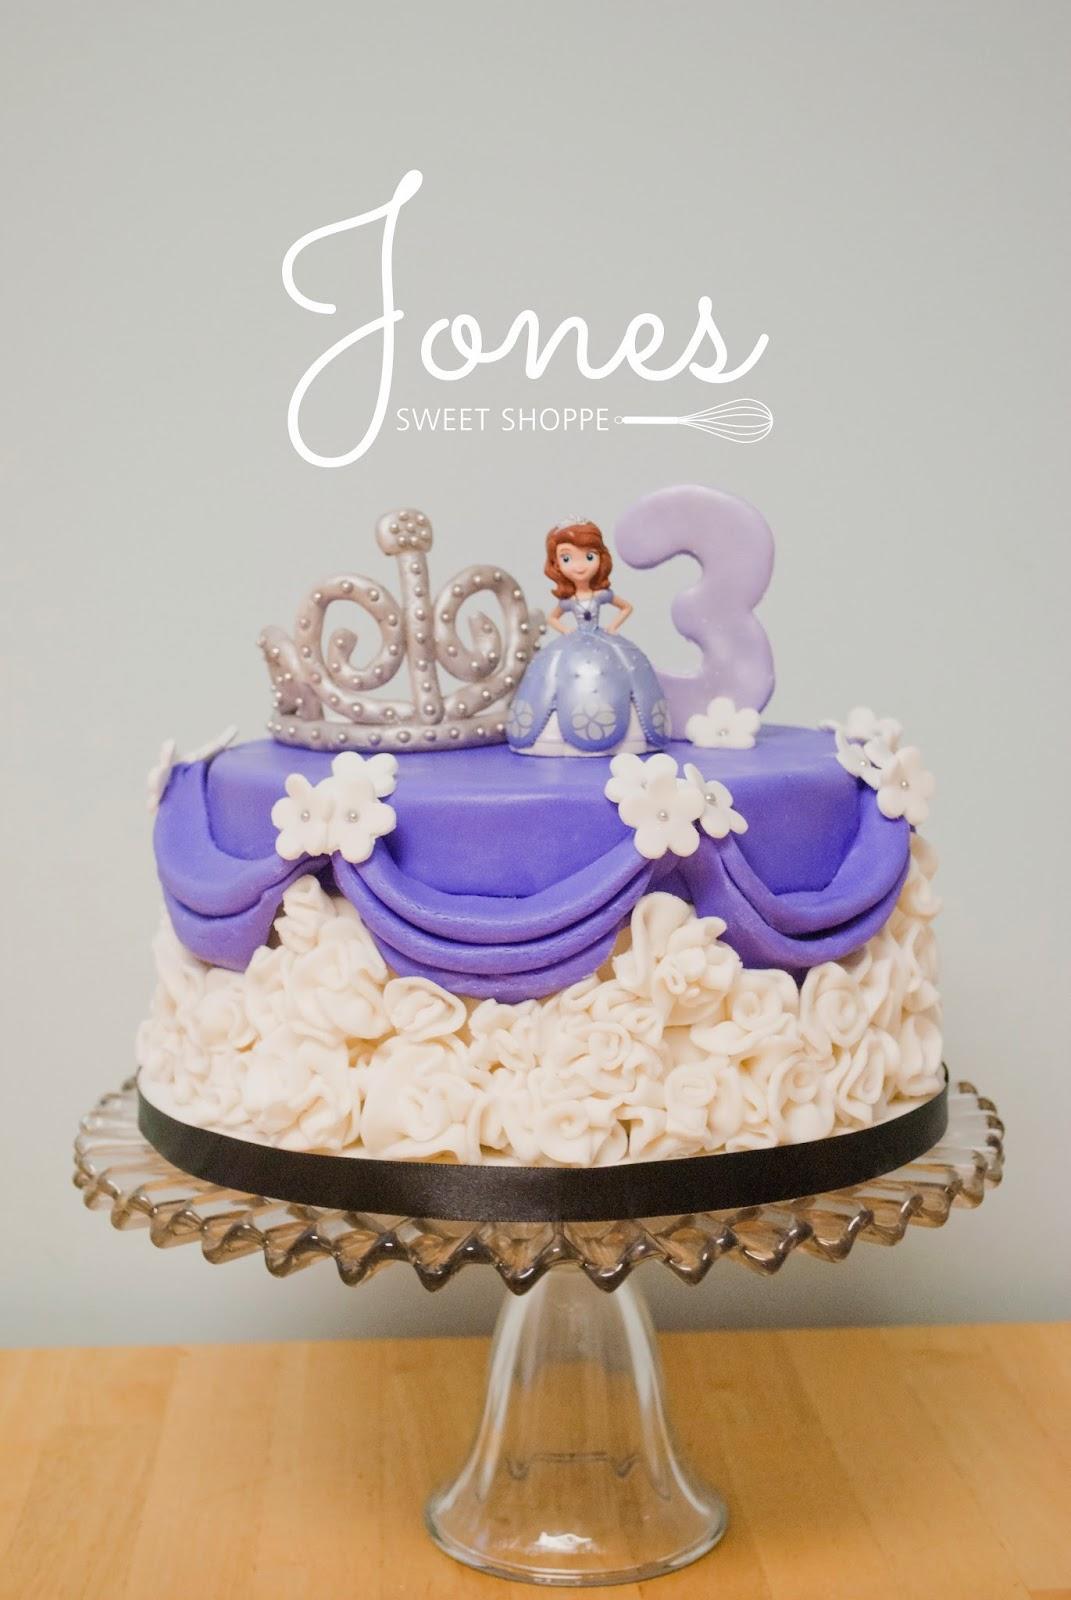 Jones Sweet Shoppe Princess Sofia